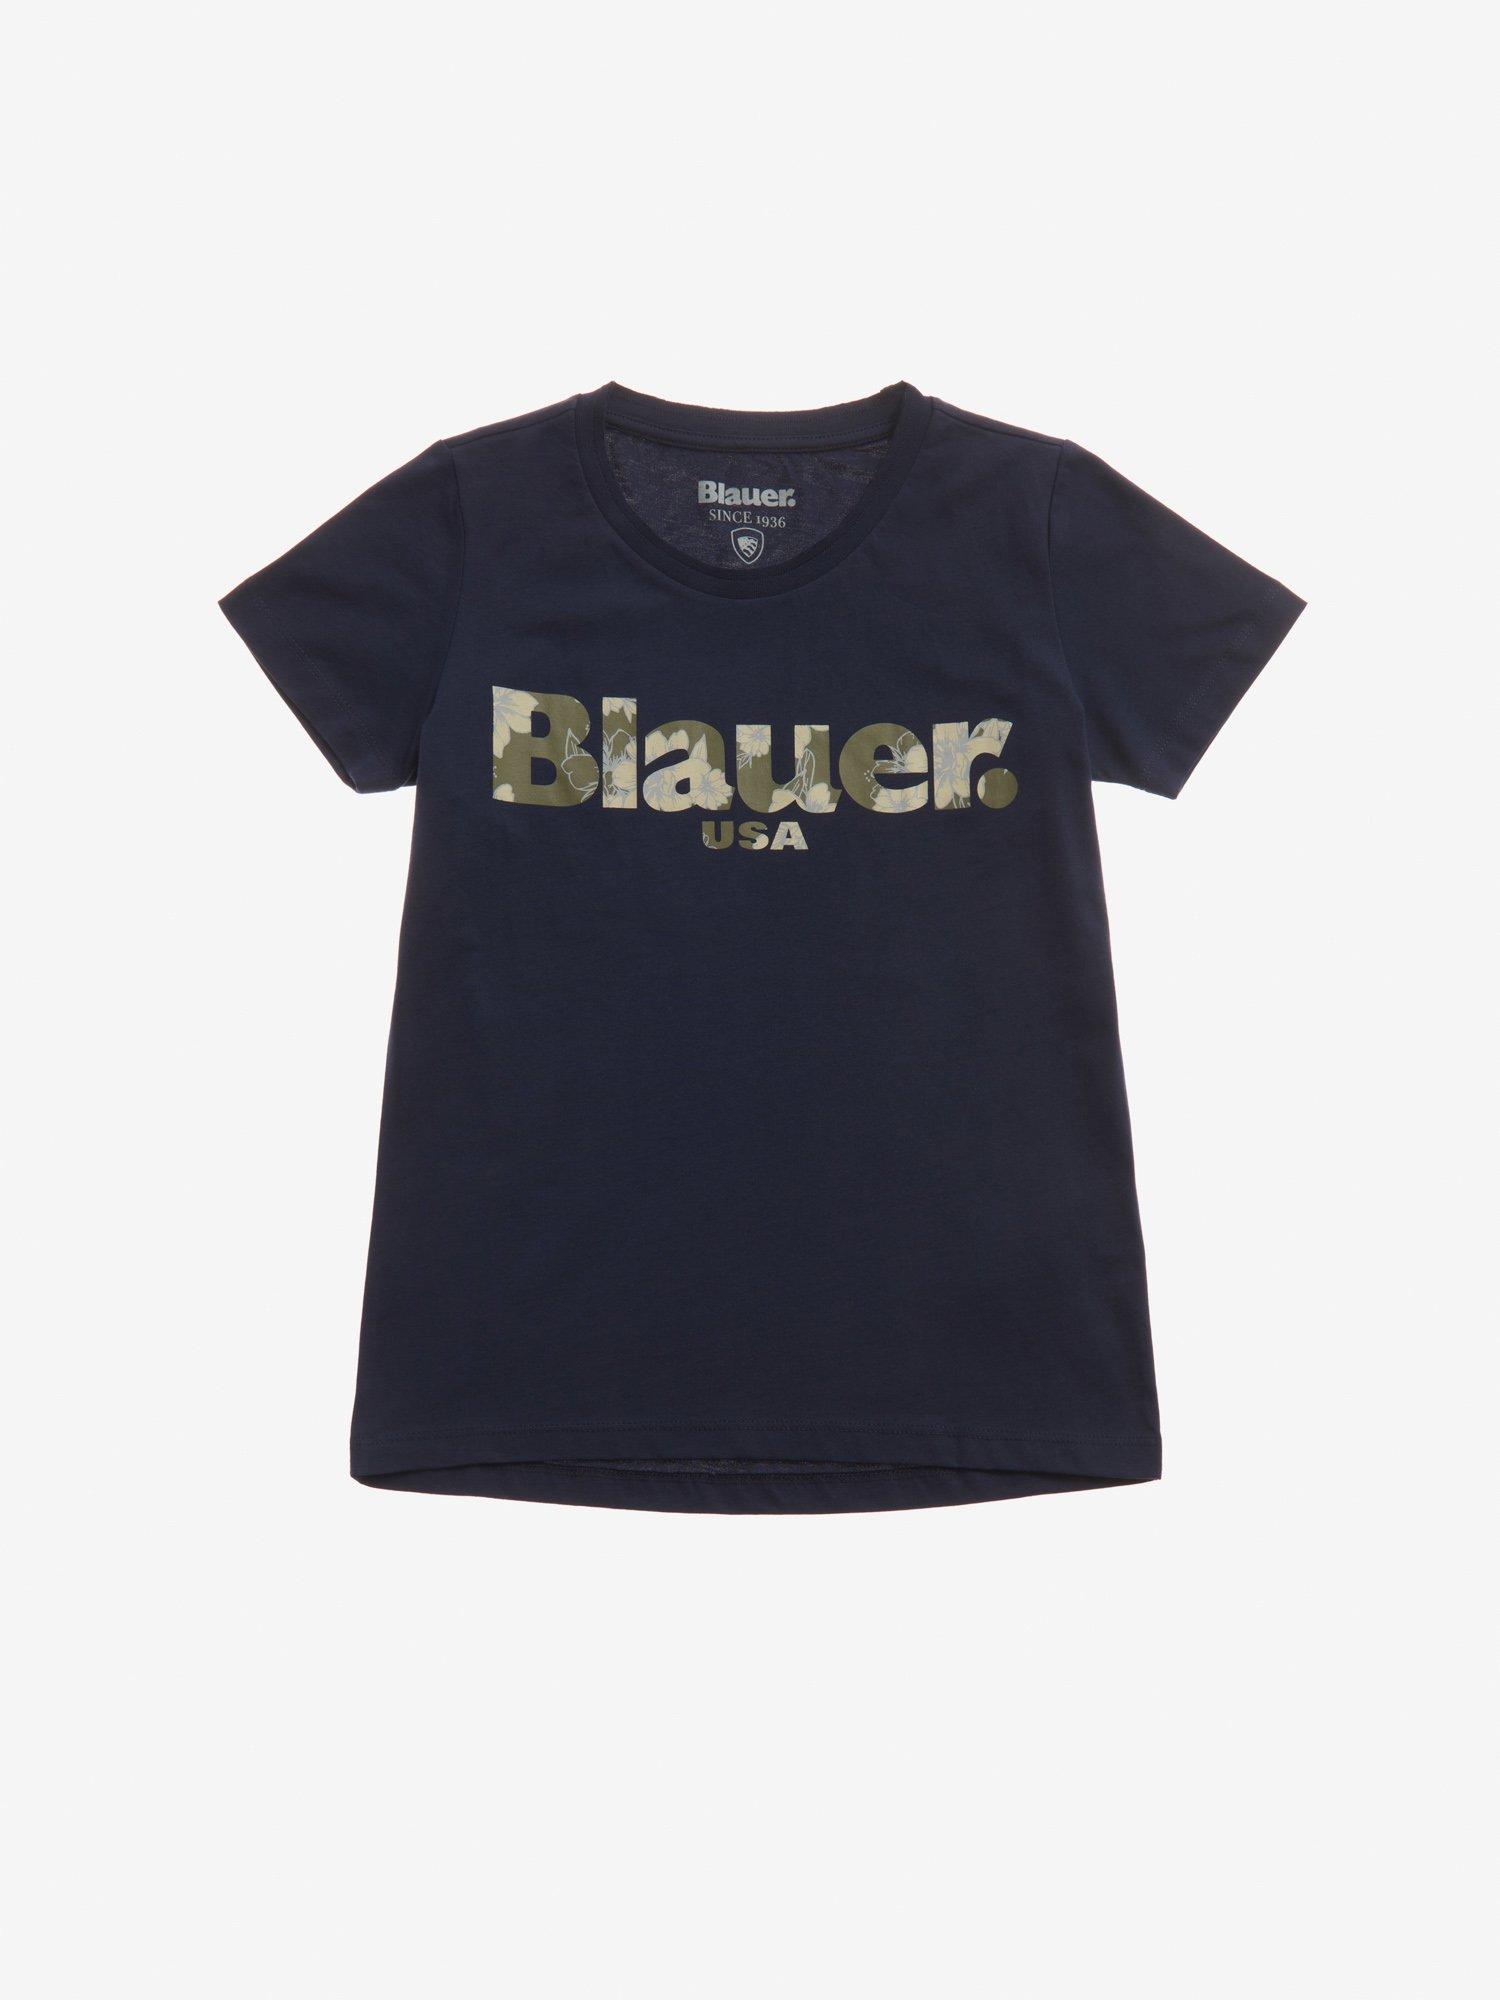 T-SHIRT BLAUER BLUMENOPTIK FÜR MÄDCHEN - Blauer